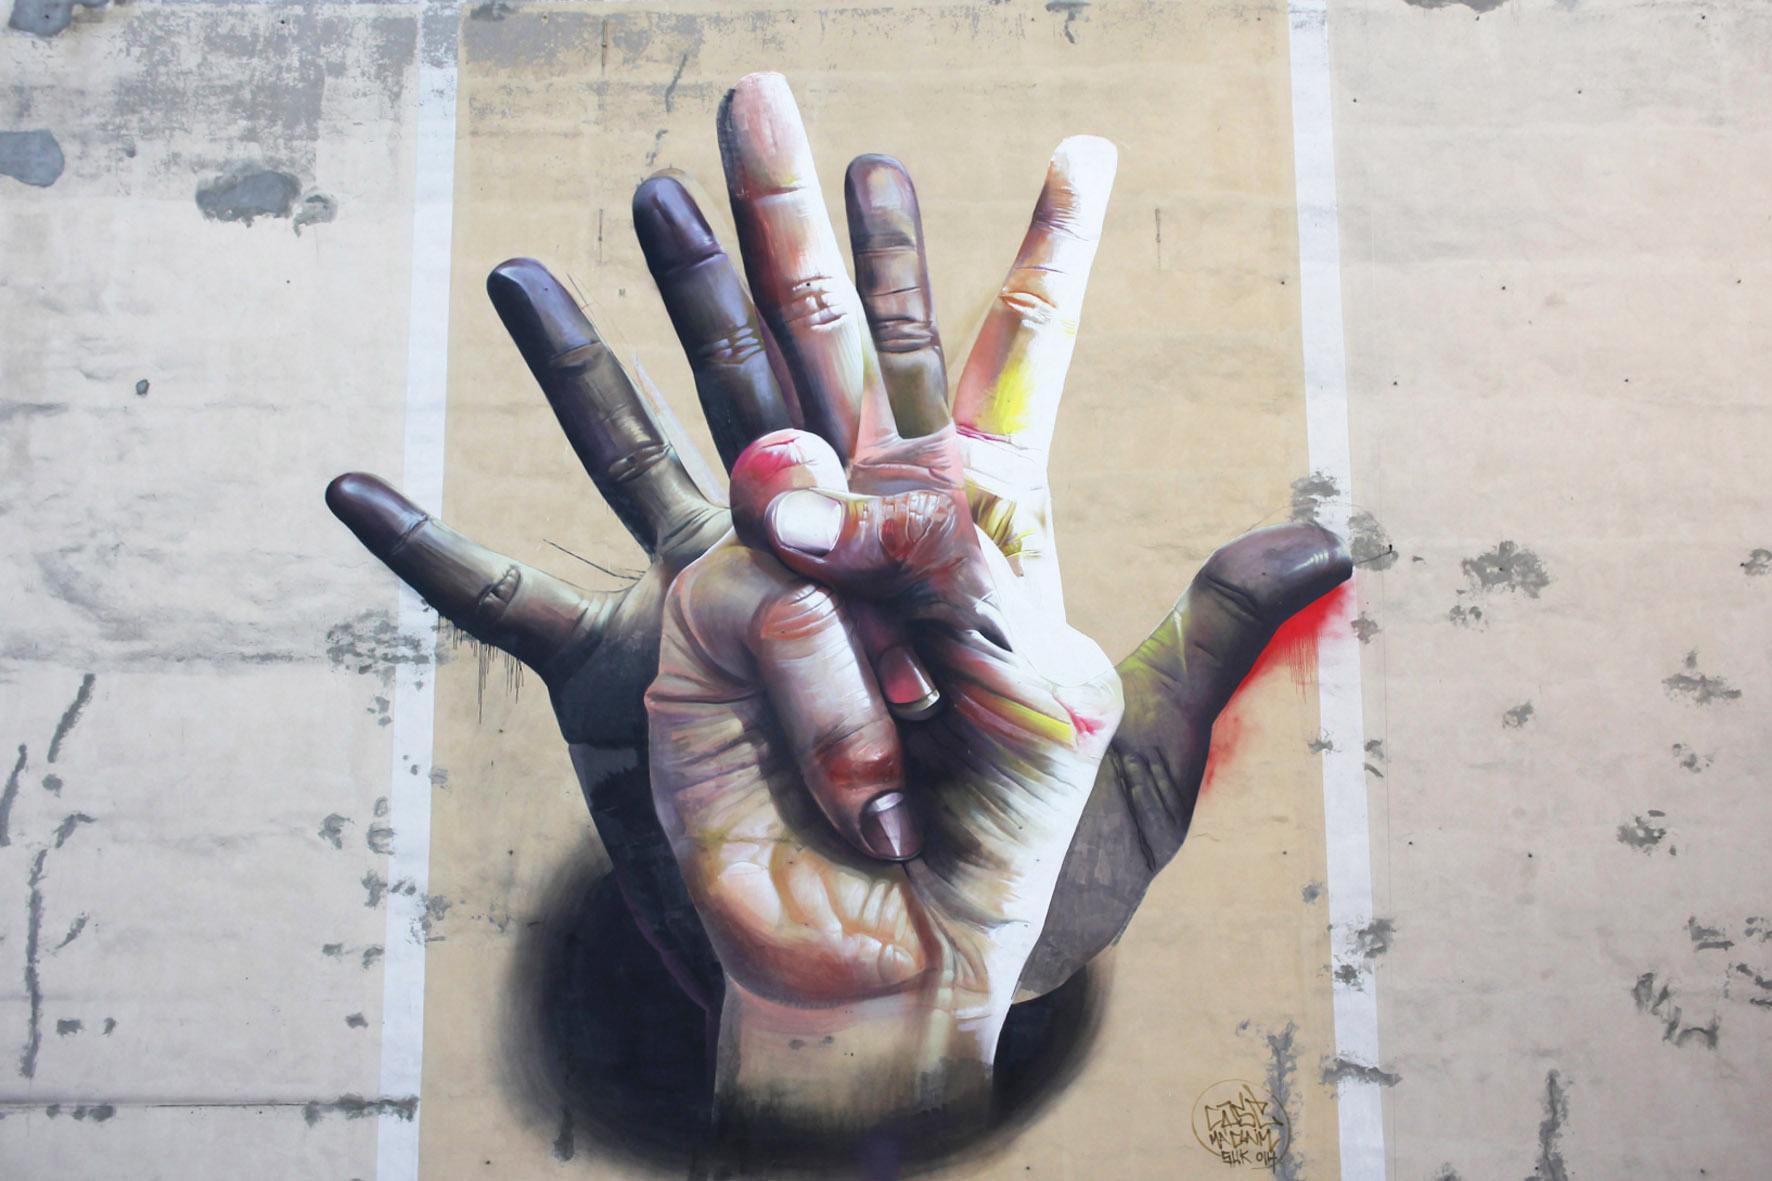 Das Street Art Mural Unter der Hand von CASE Maclaim mit bunten, überlappenden Händen an der Ecke Brückenstraße / Köpenicker Strasse in der Nähe des Eingangs zum U-Bahnhof Heinrich-Heine-Straße in Berlin